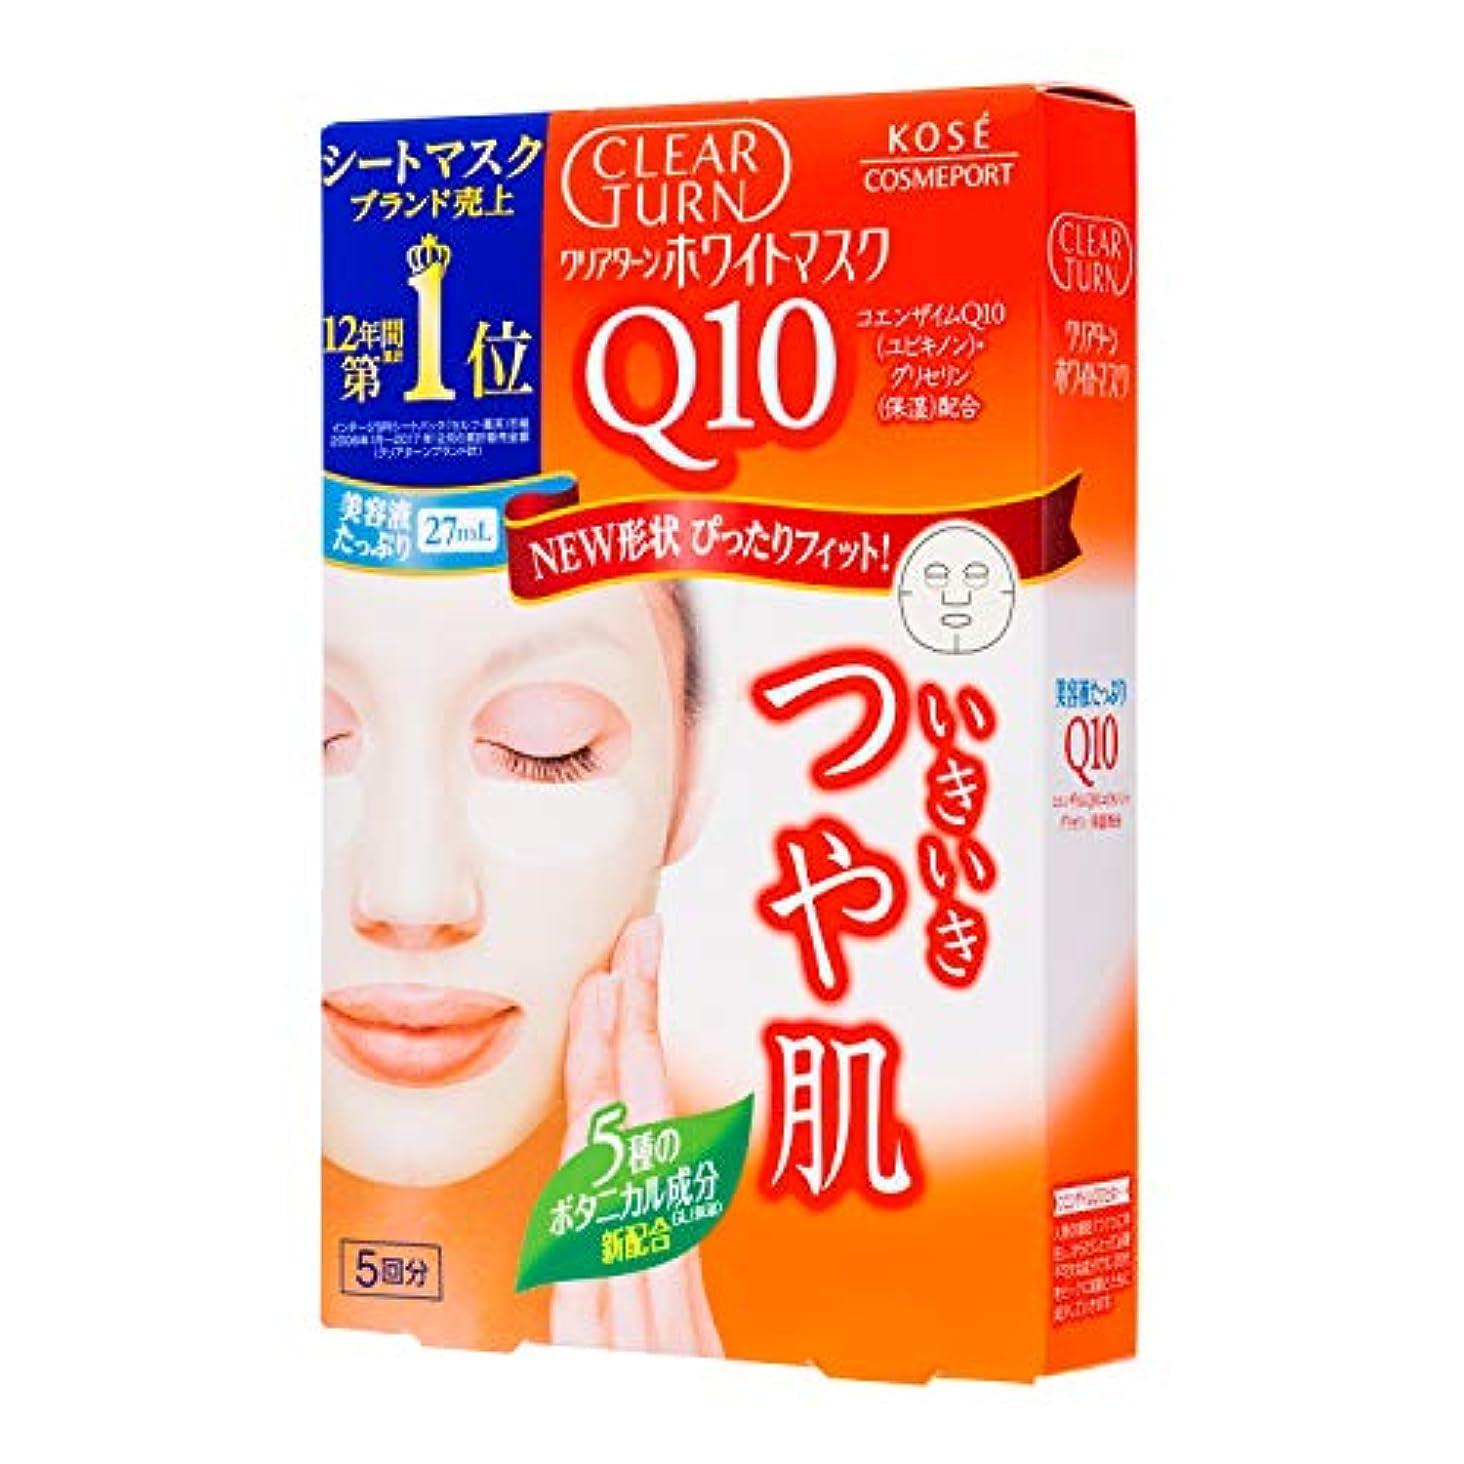 バケツ素子ぺディカブクリアターン ホワイト マスク Q10 c (コエンザイムQ10) 5回分